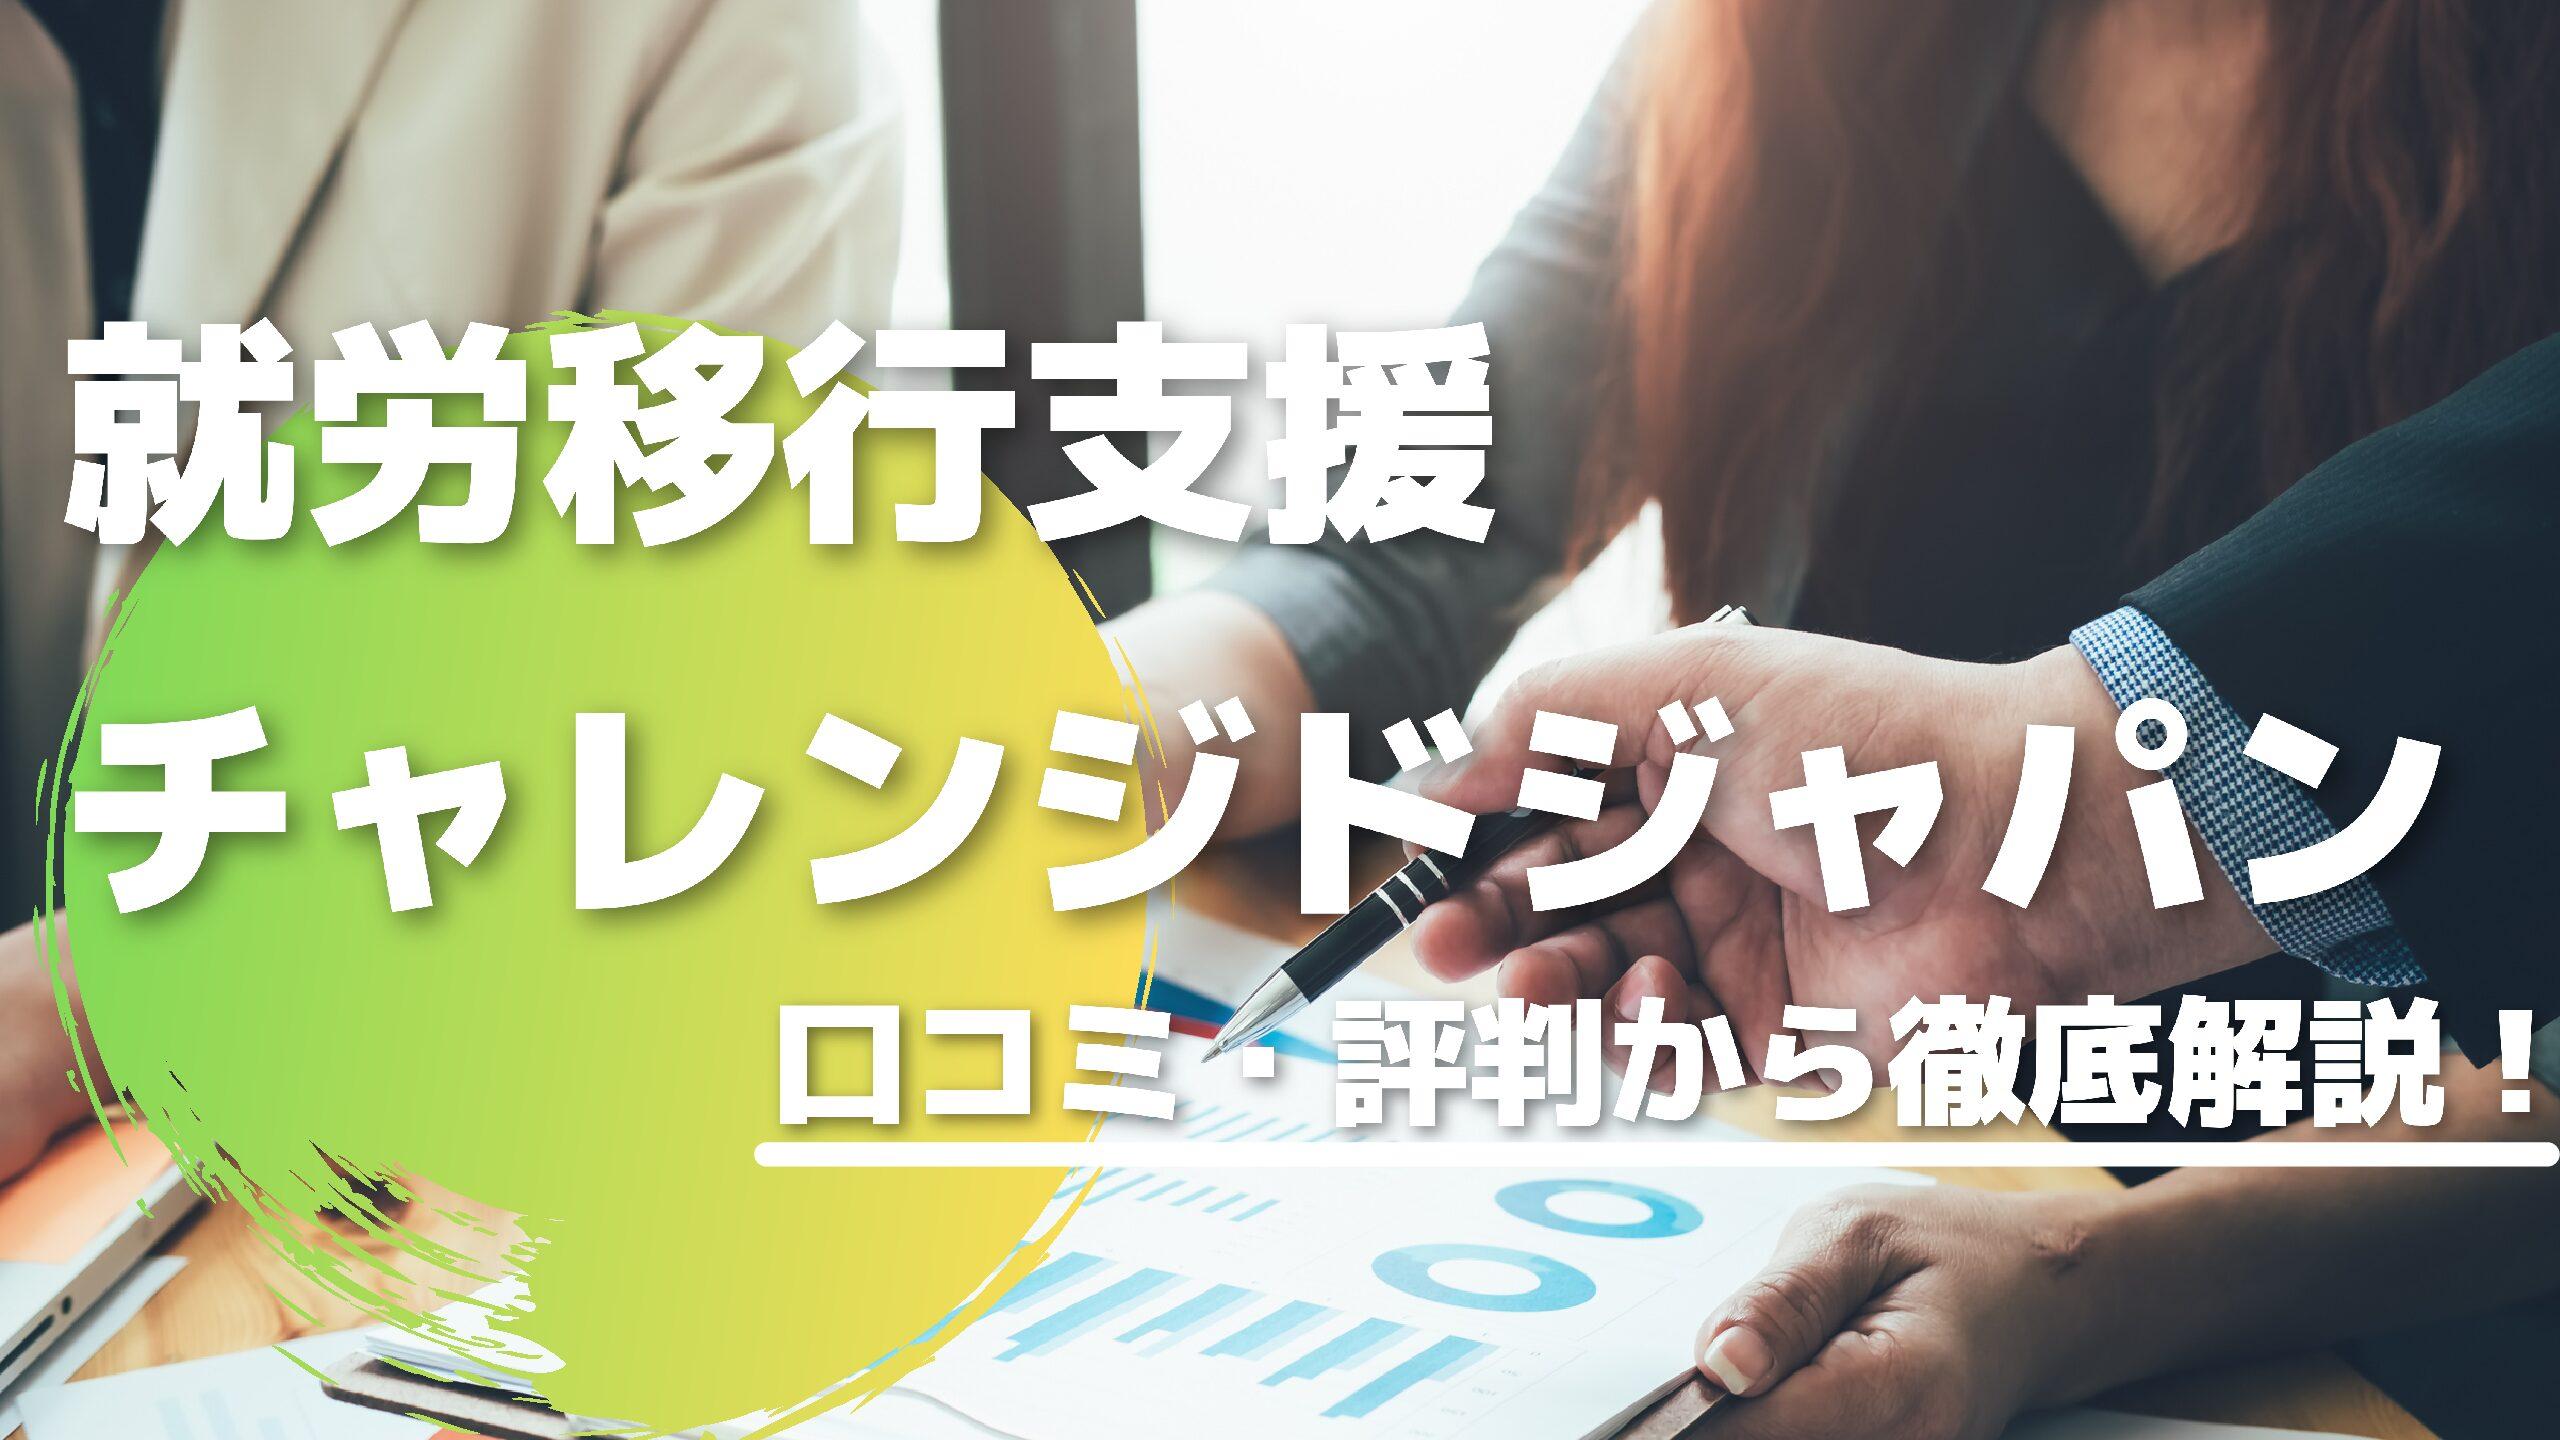 自分の適正がわかる!?チャレンジドジャパンのサービス内容から実績を徹底解説!